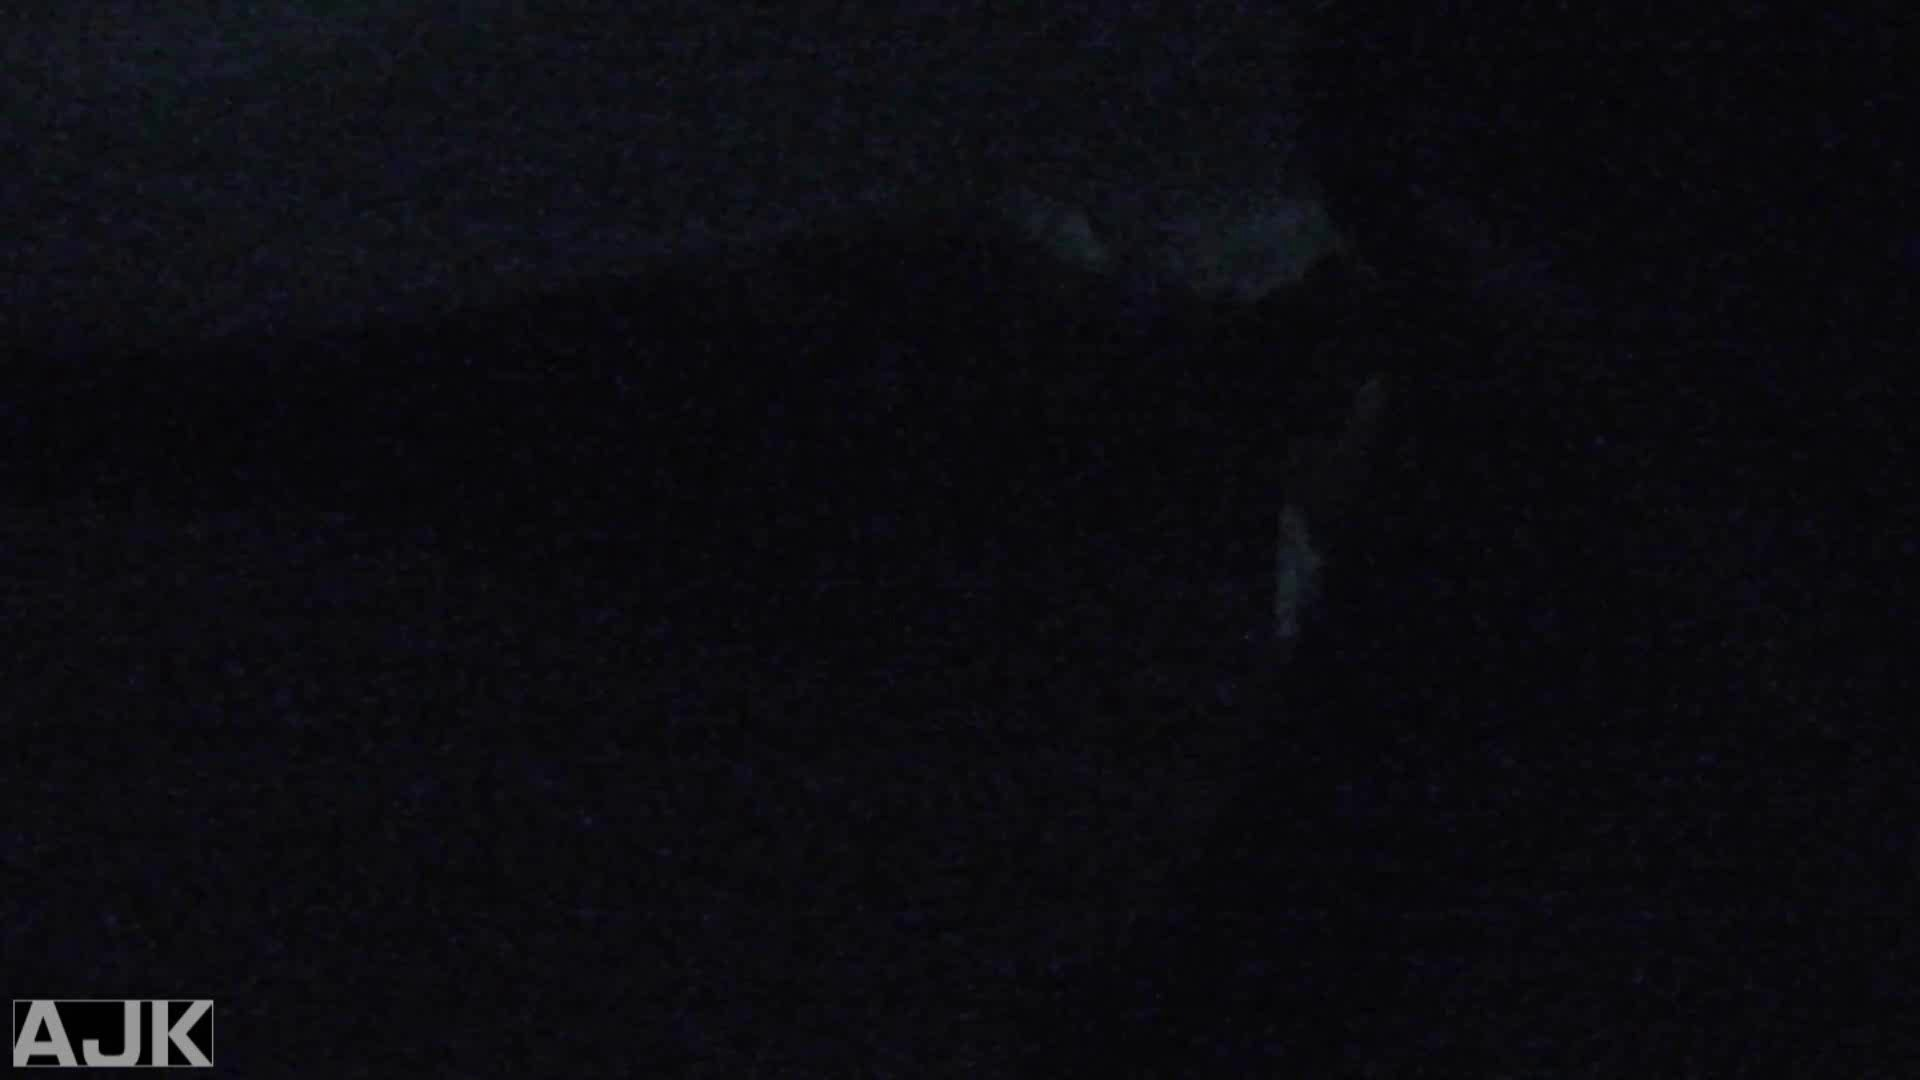 神降臨!史上最強の潜入かわや! vol.05 肛門丸見え 覗きおまんこ画像 69pic 34